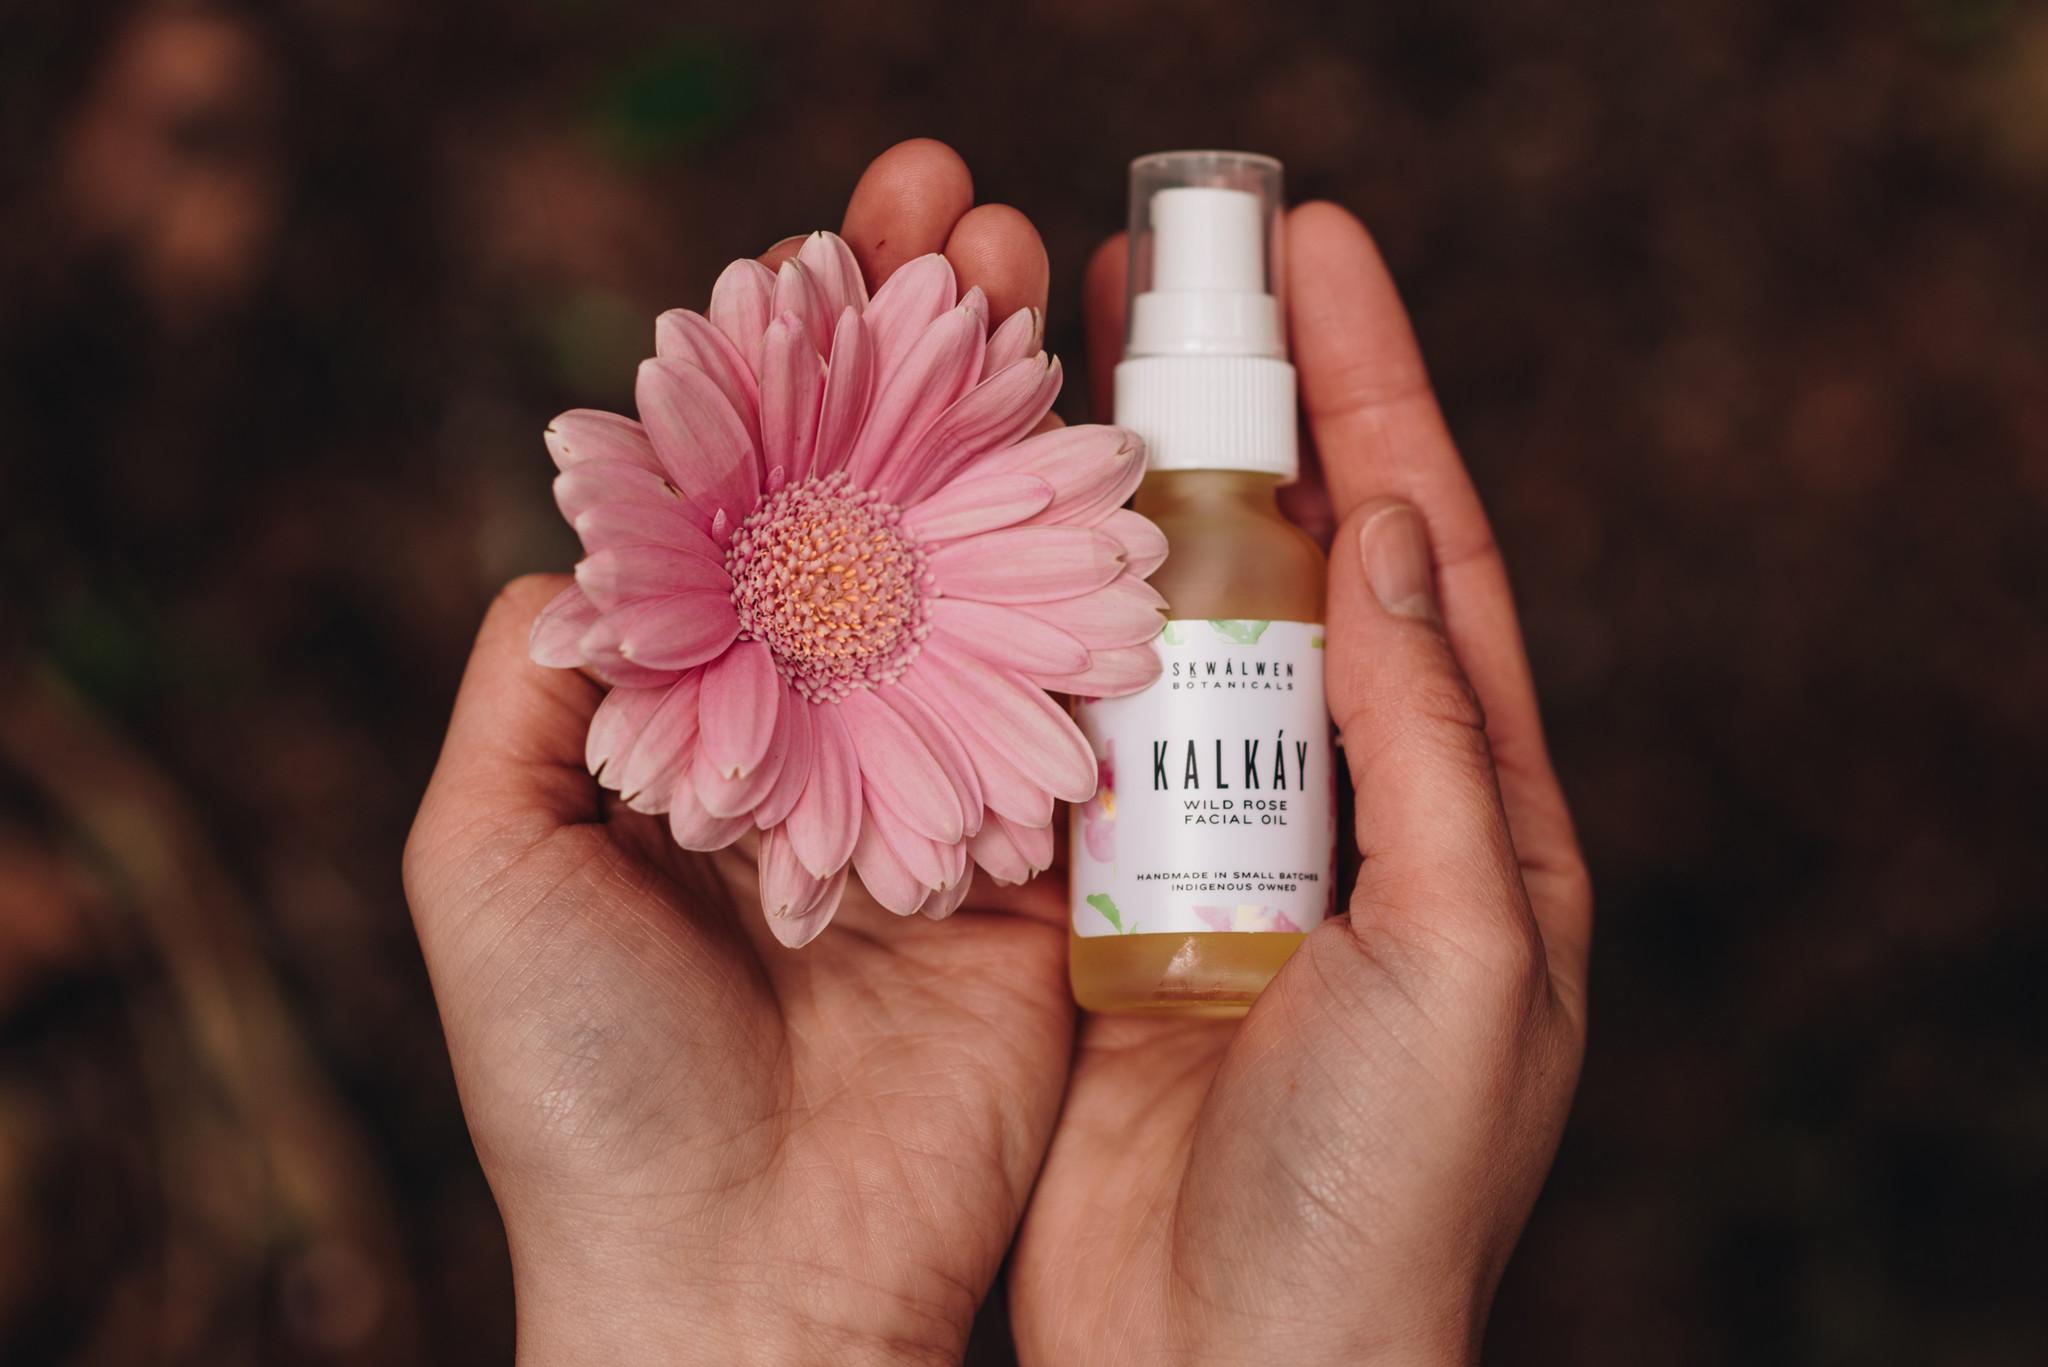 KALKÁY Wild Rose Facial Oil